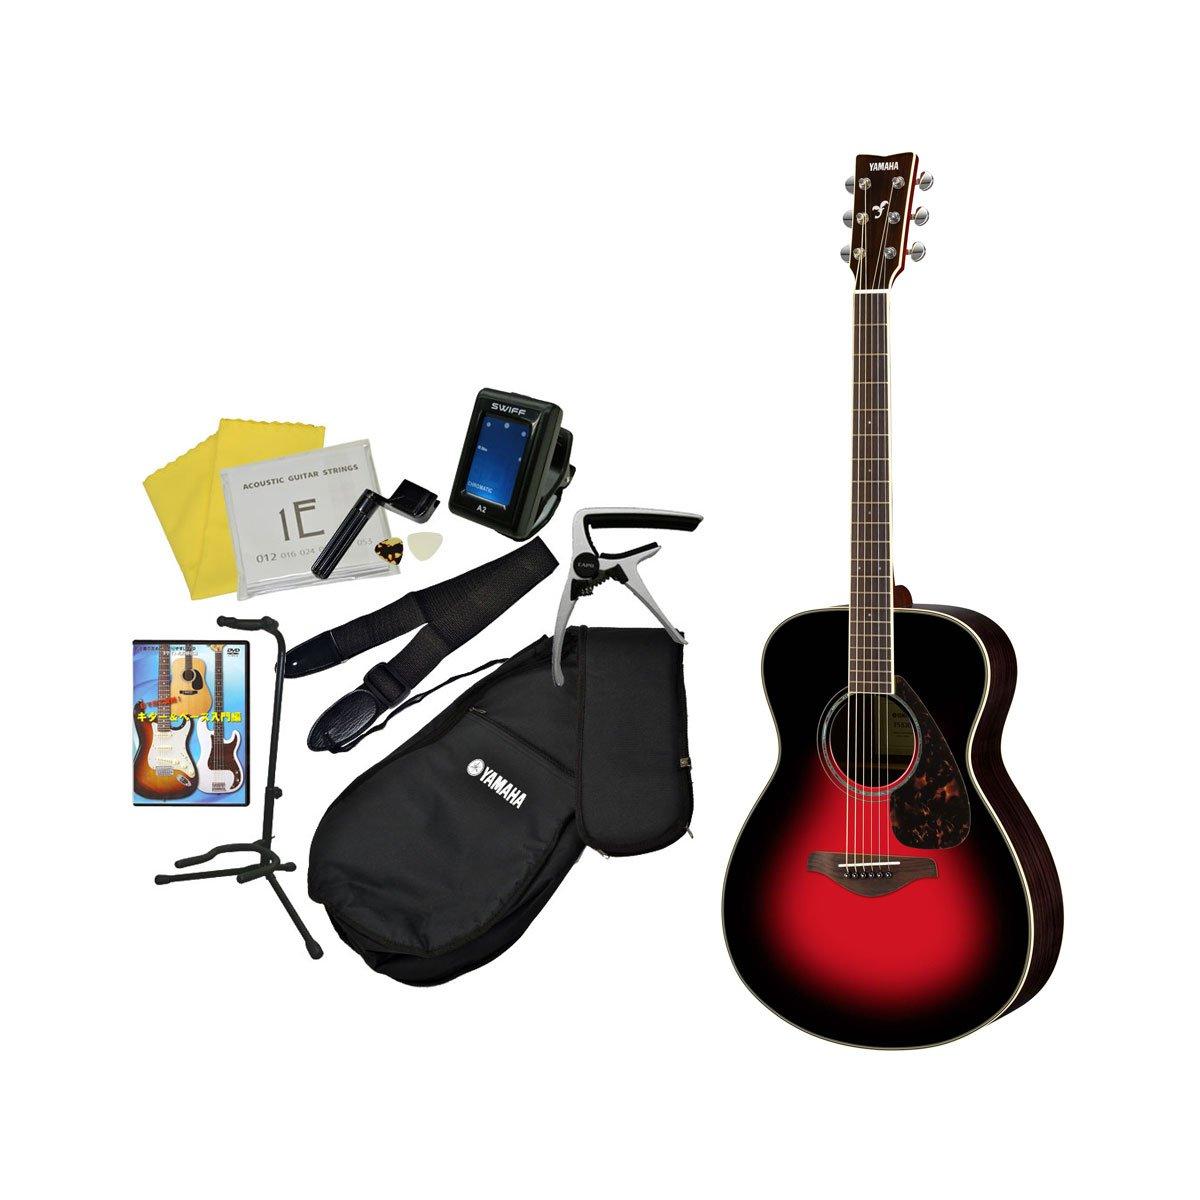 YAMAHA アコギ11点入門セット FS830 ヤマハ アコースティックギター 入門 初心者 (【3】DSR) B01I677N1M  【3】DSR